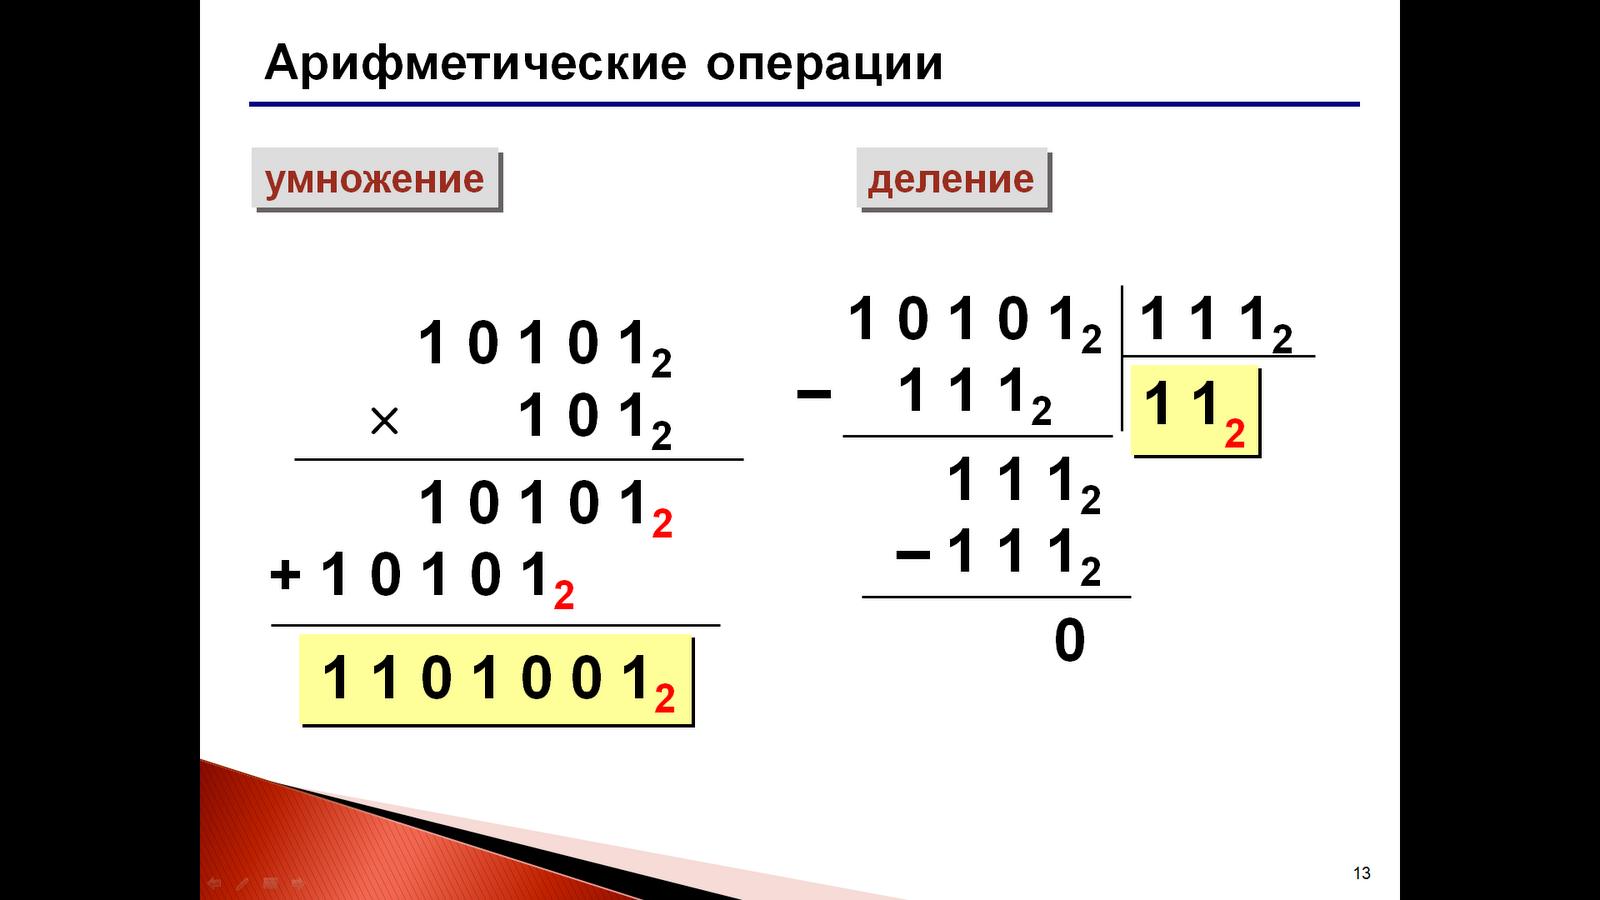 Как сделать в столбик умножение и деление